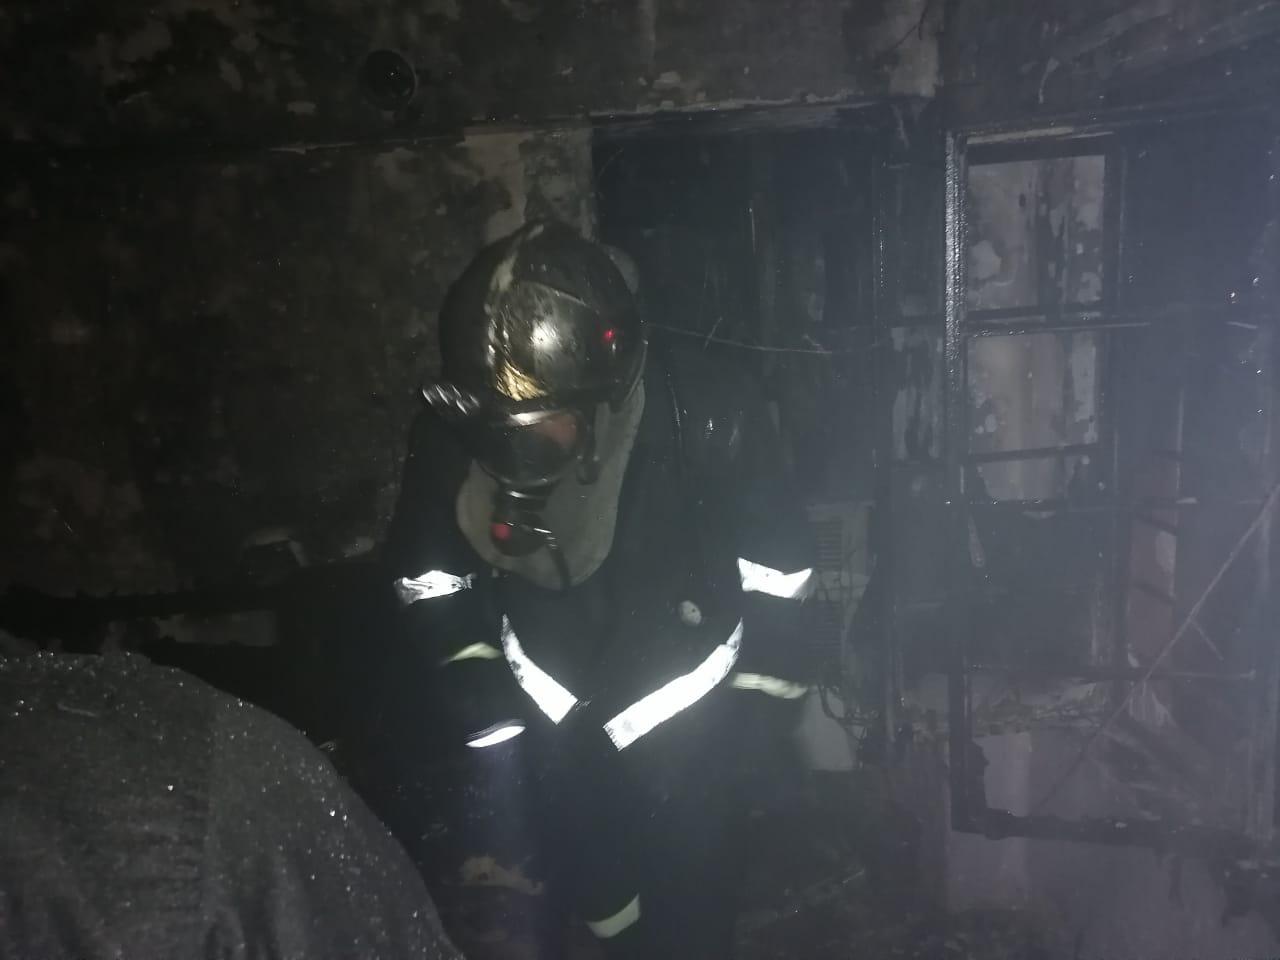 إخلاء العشرات بسبب حريق اندلع في الشورجة ببغداد